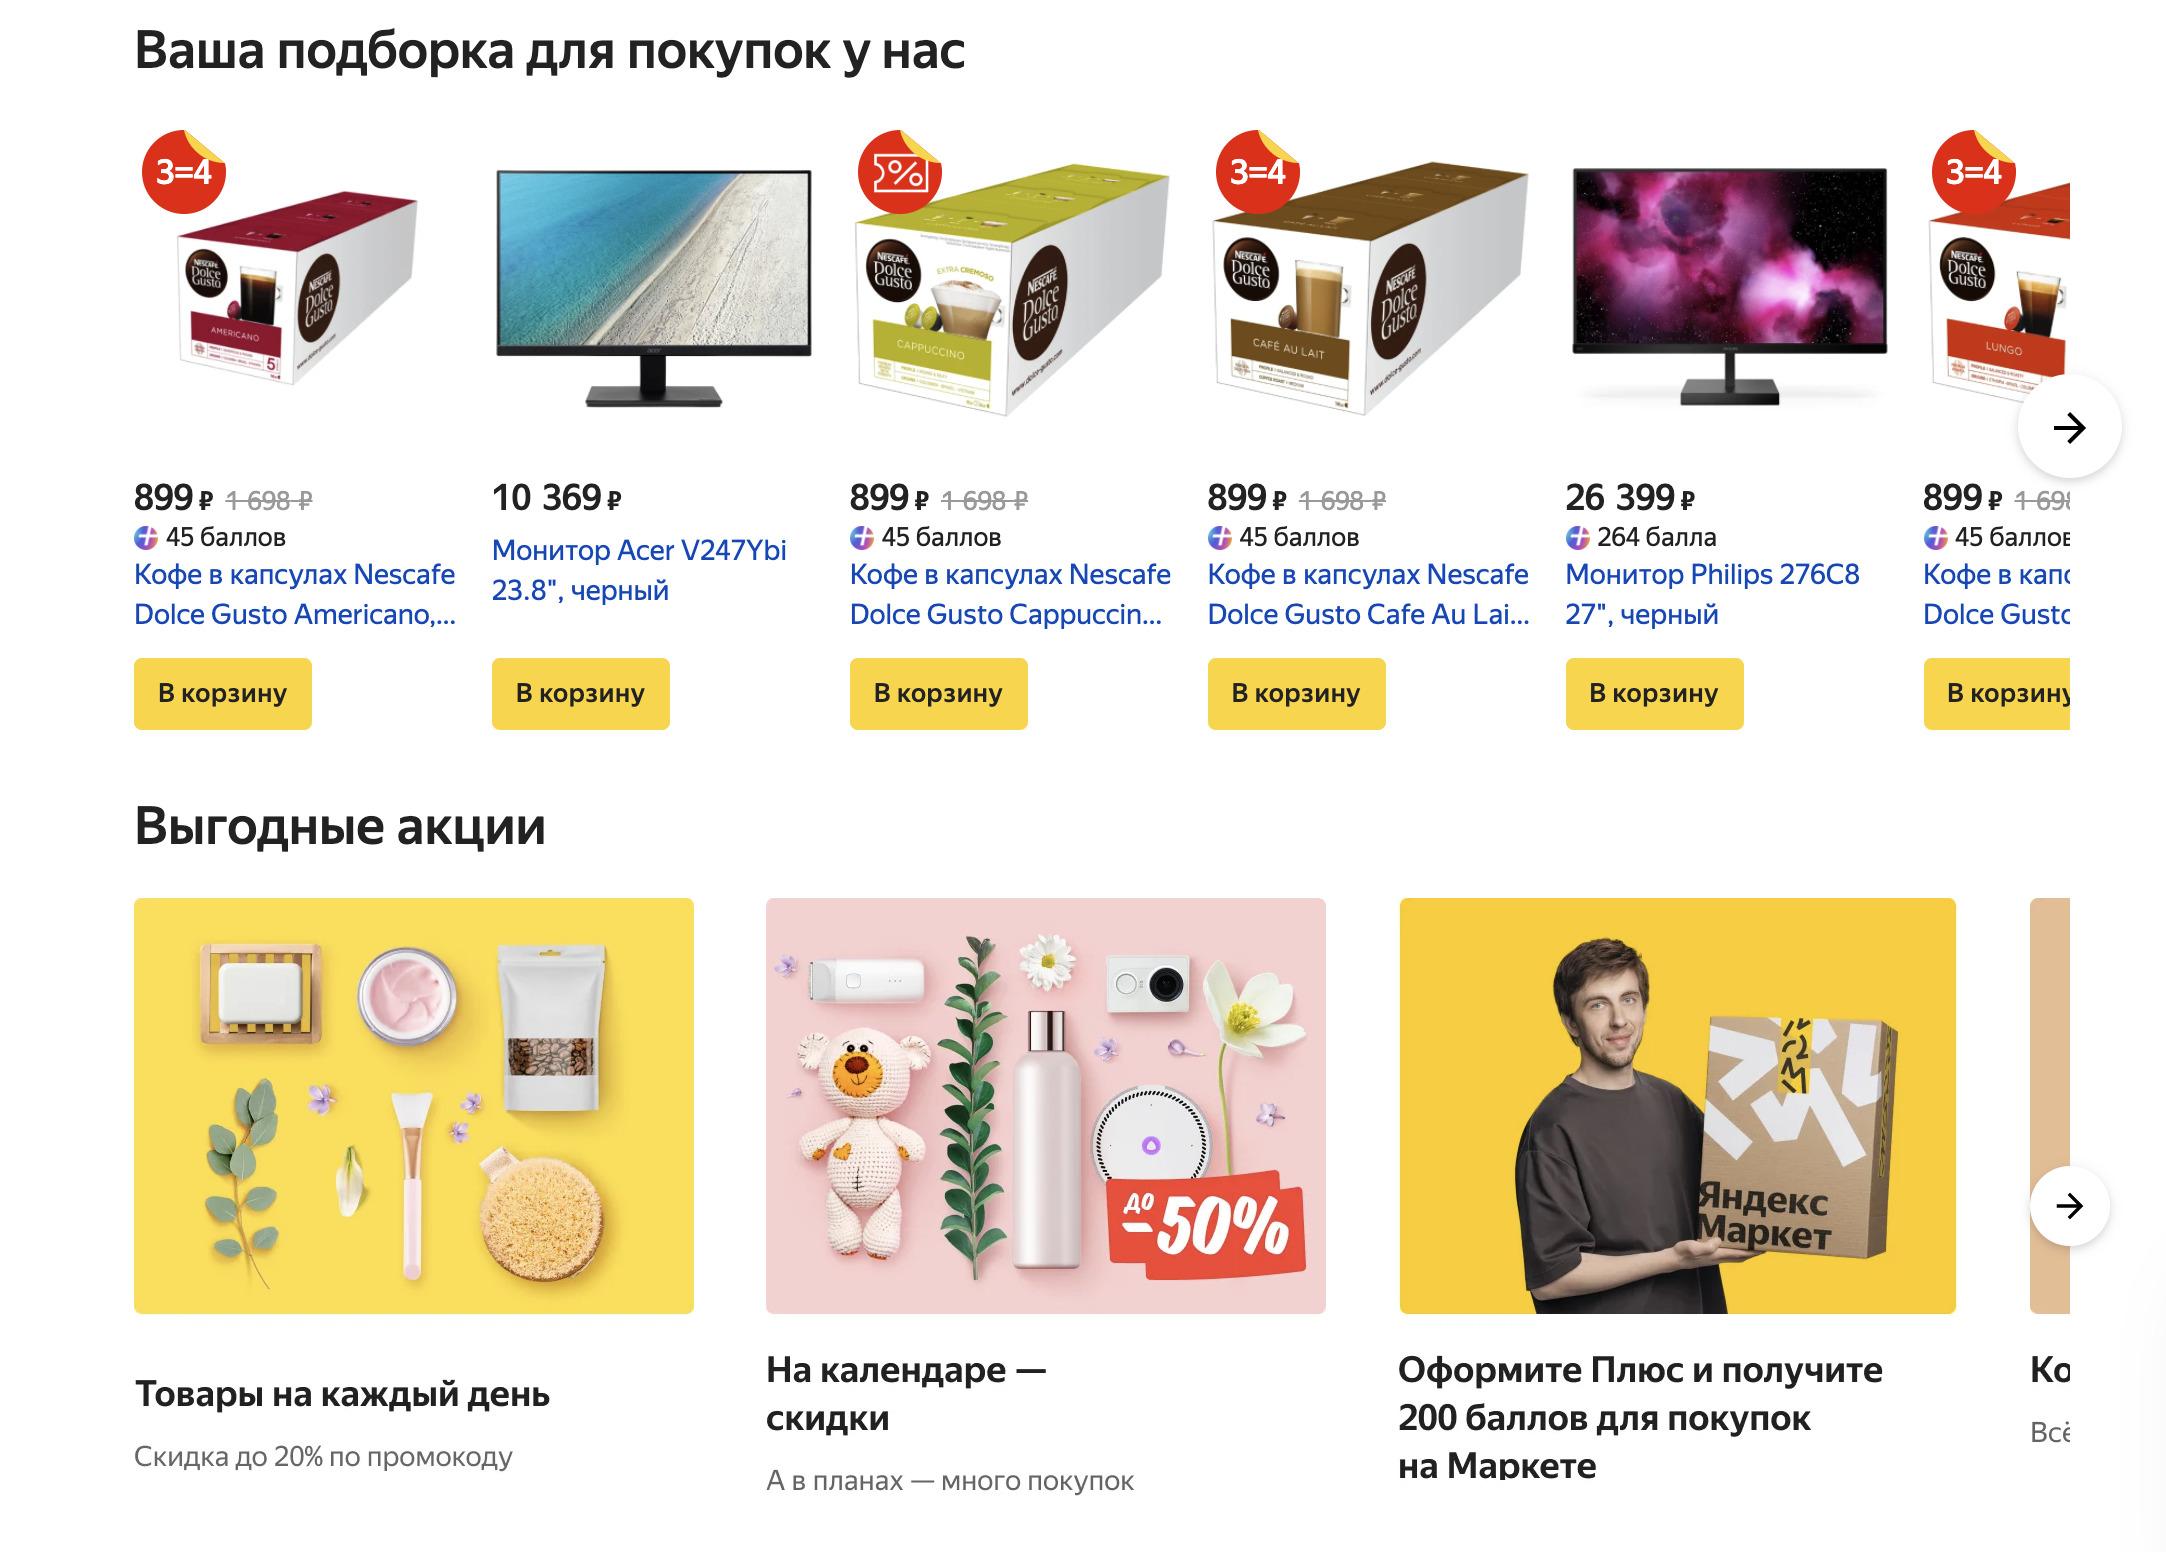 Доставка из Яндекс.Маркет в Воскресенск, сроки, пункты выдачи, каталог